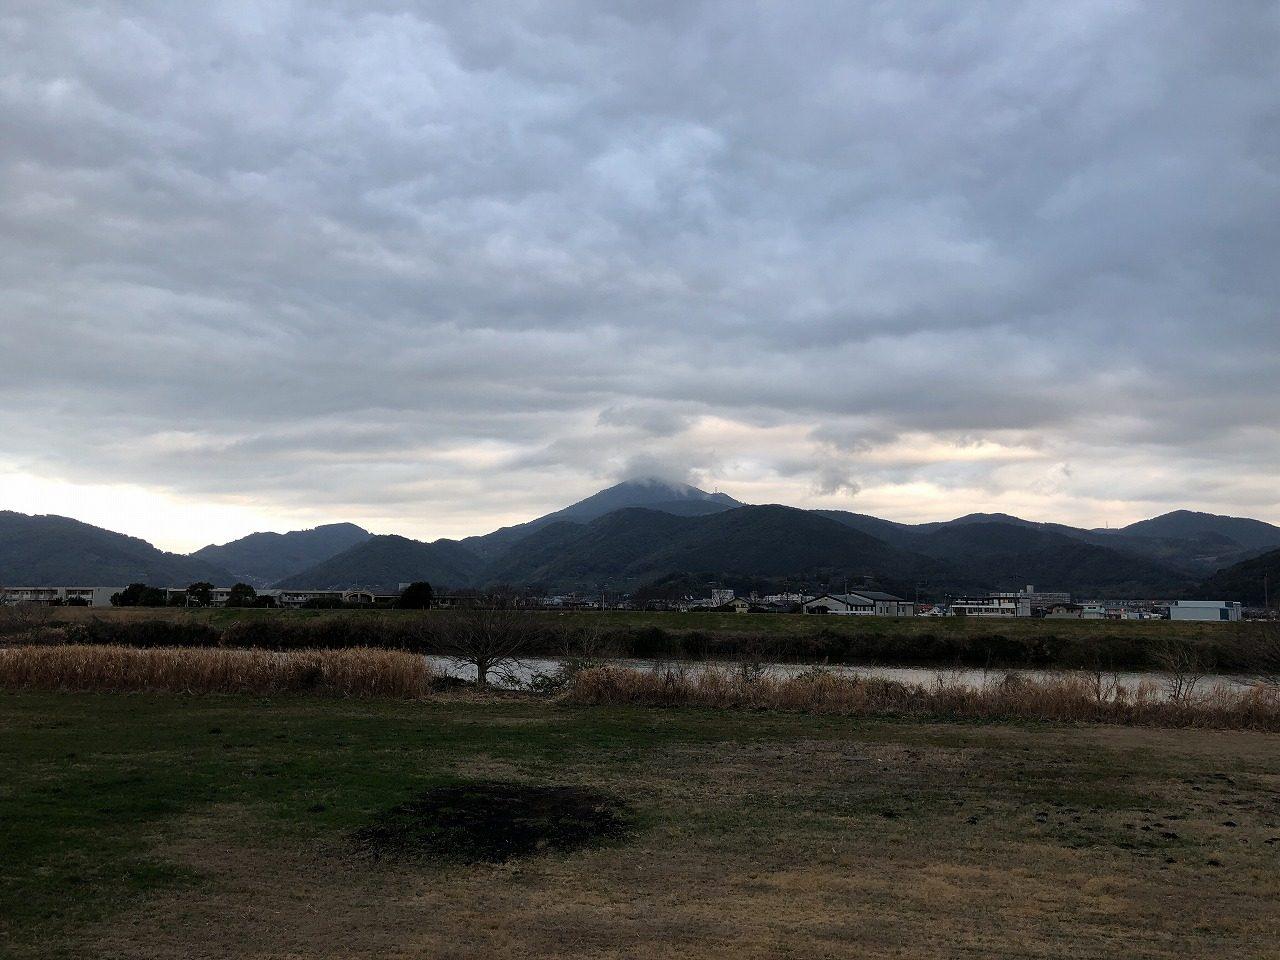 2019.2.20今朝の金峰山です。